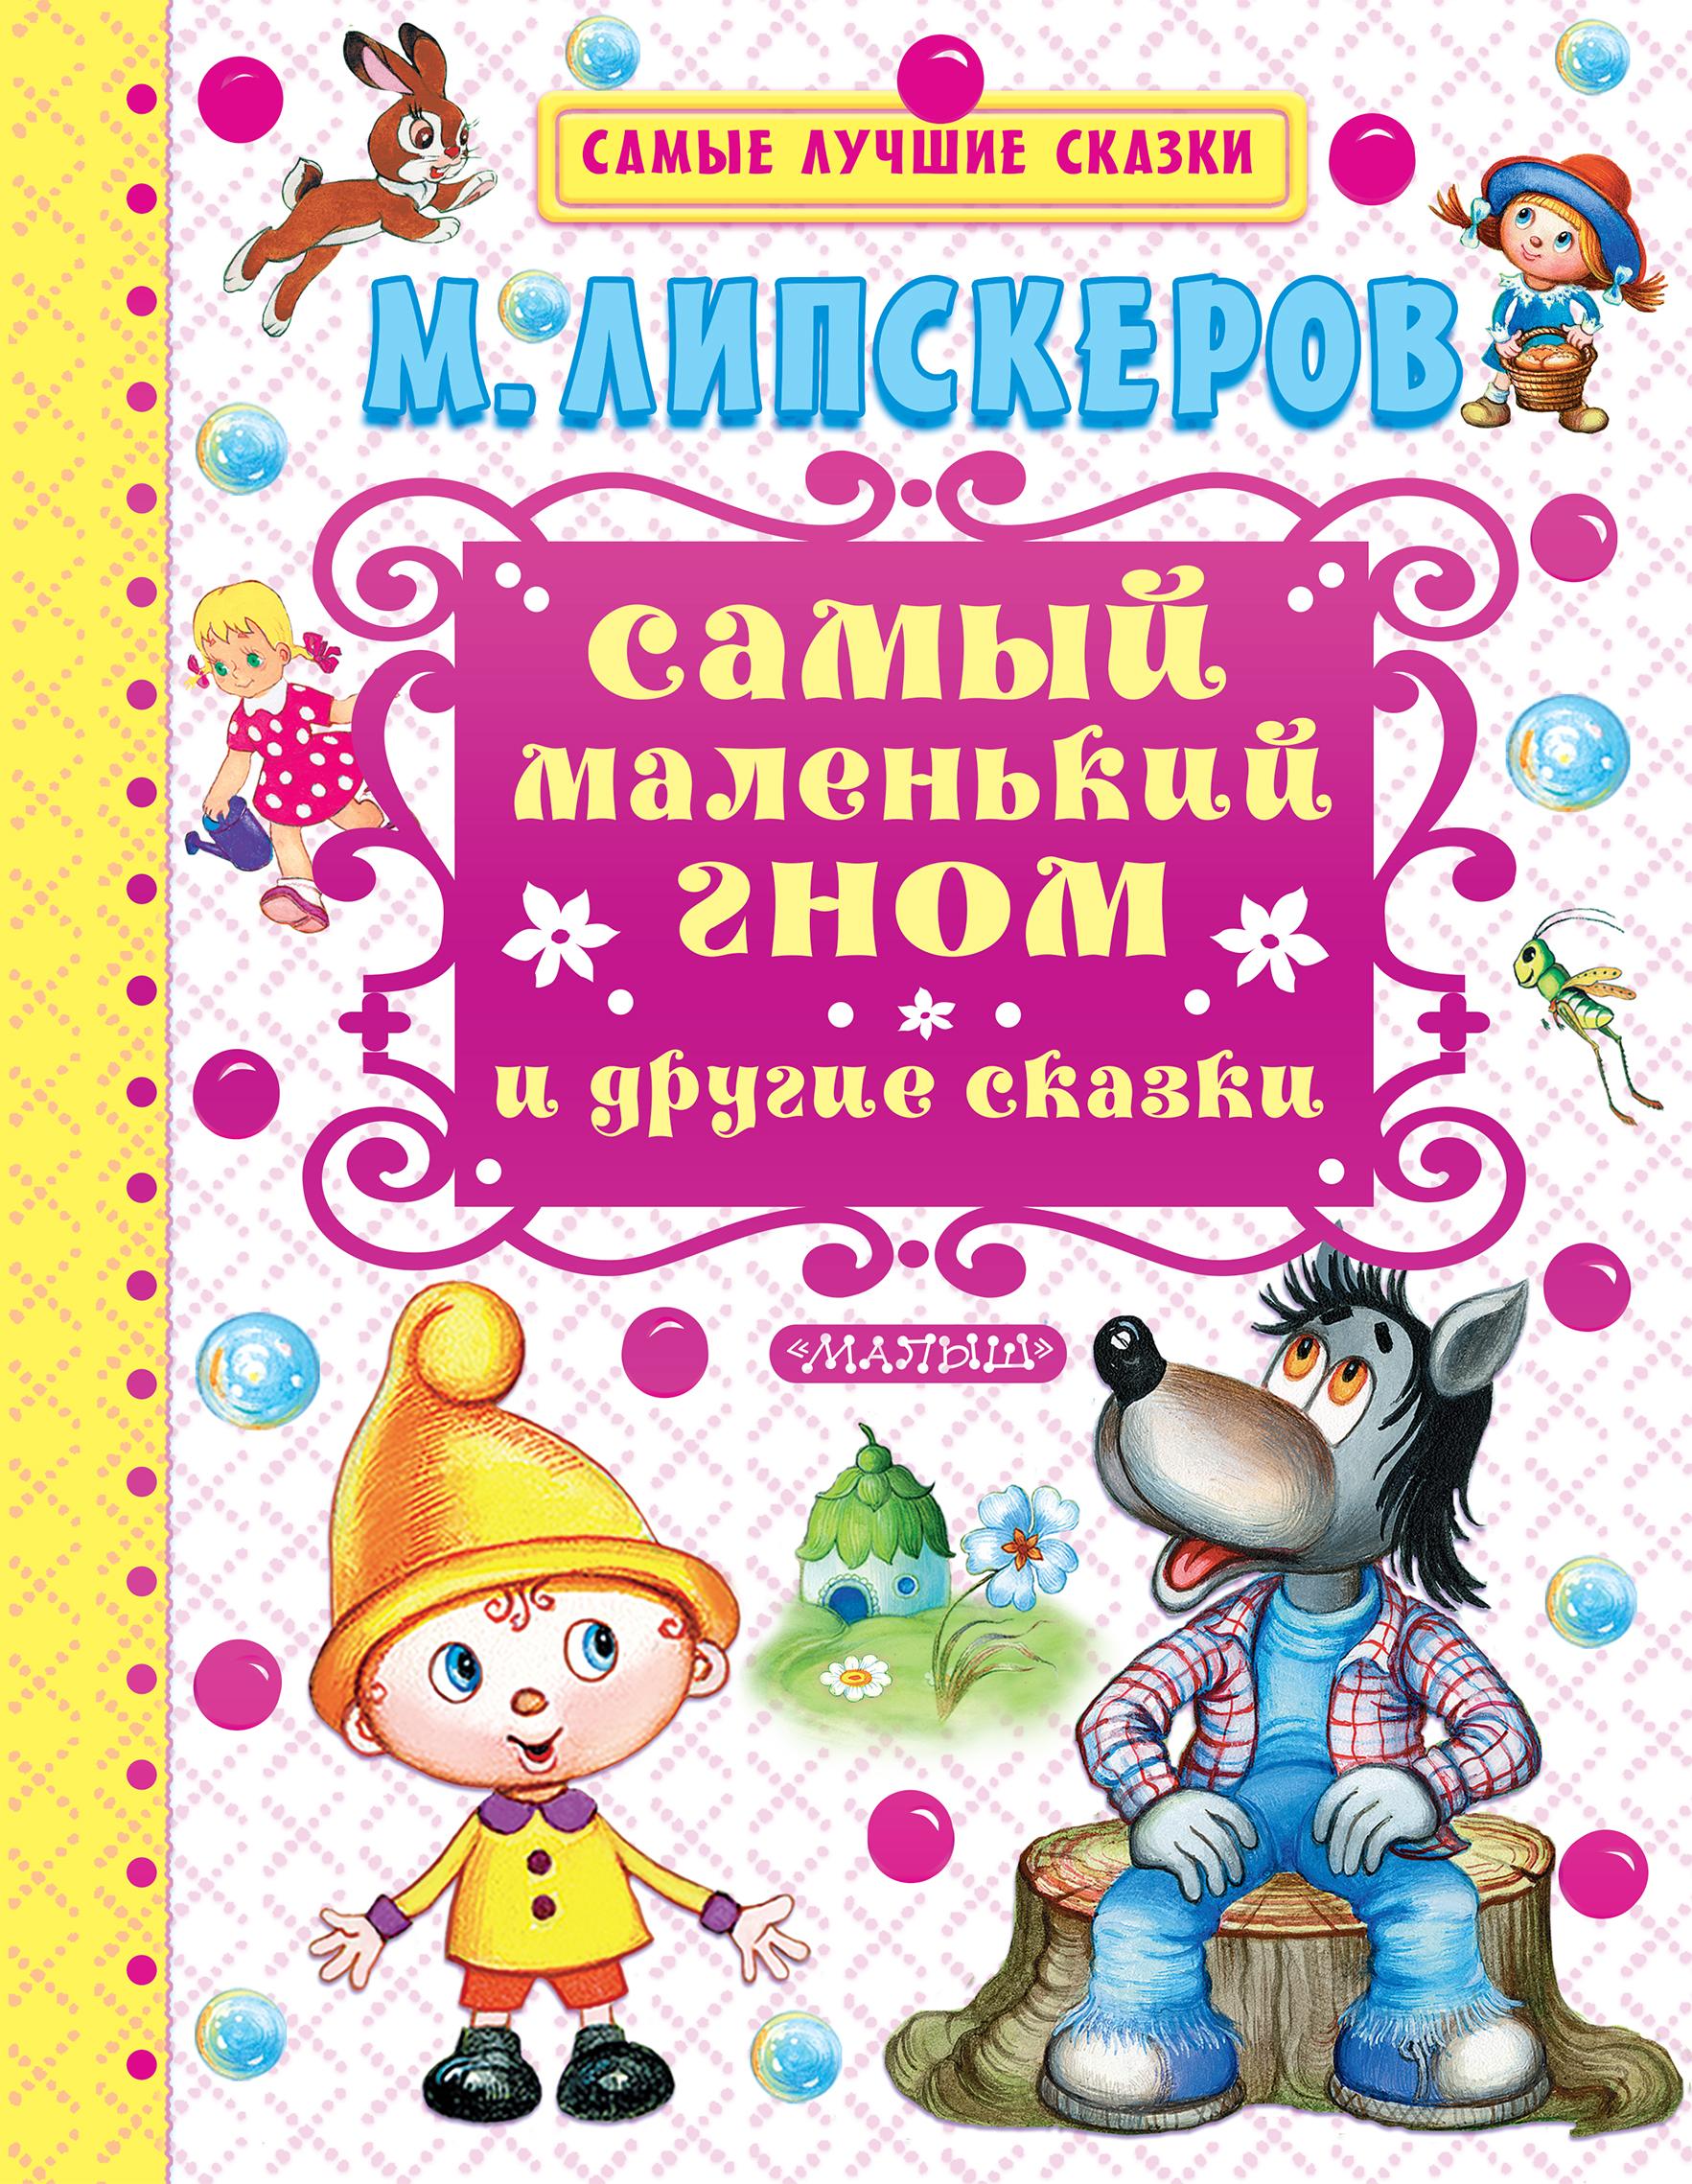 Липскеров М.Ф. Самый маленький гном и другие сказки